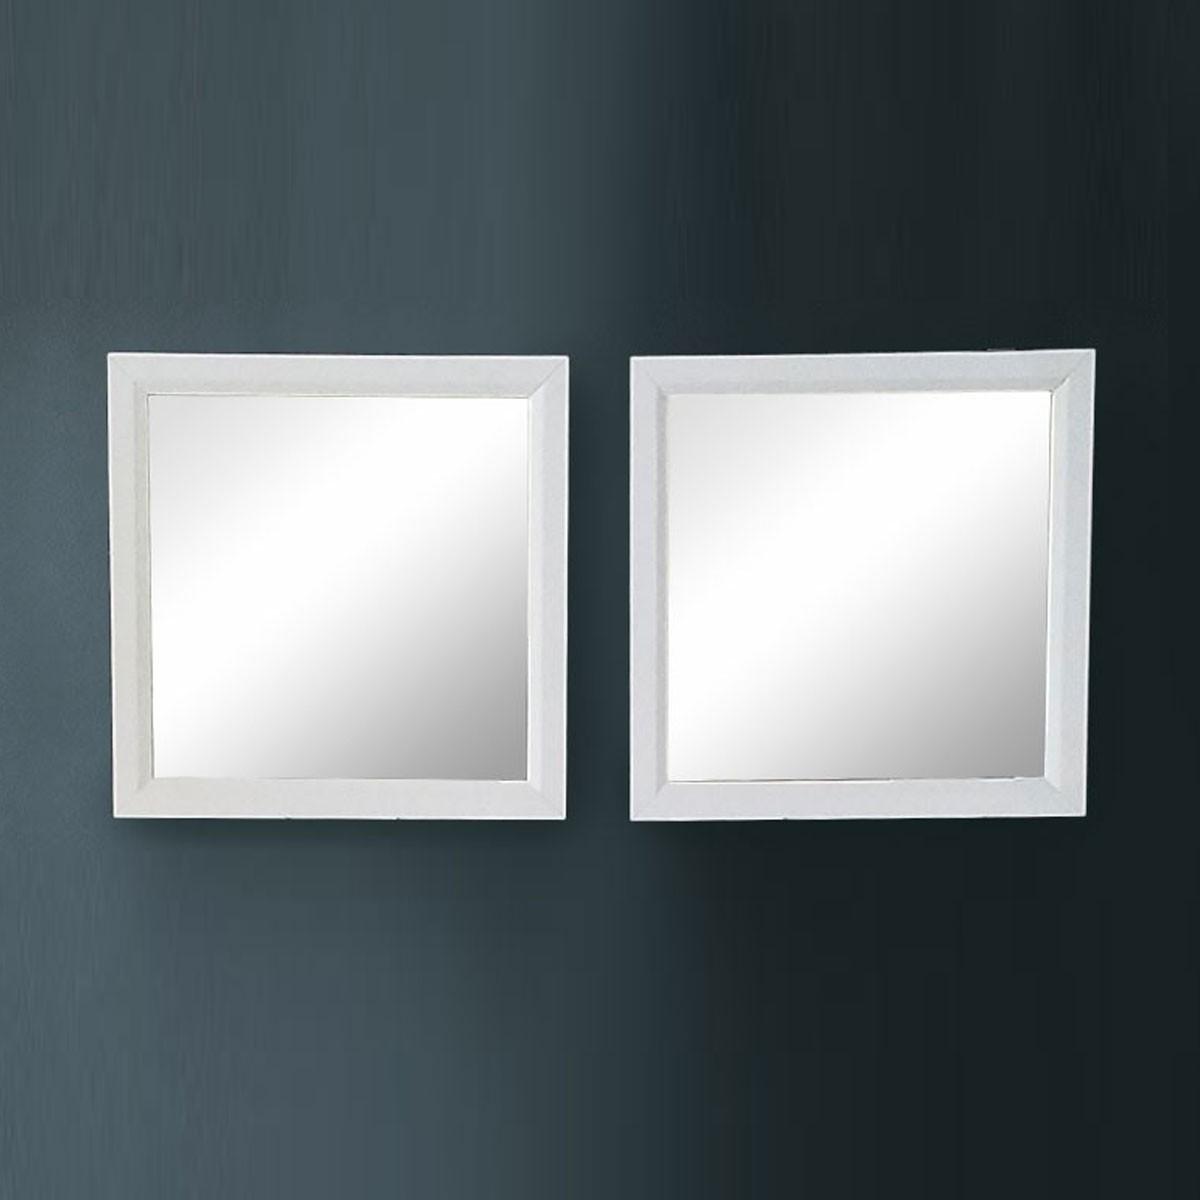 28 x 28 po Miroir pour Meuble Salle de Bain (DK-T9150-60-M)